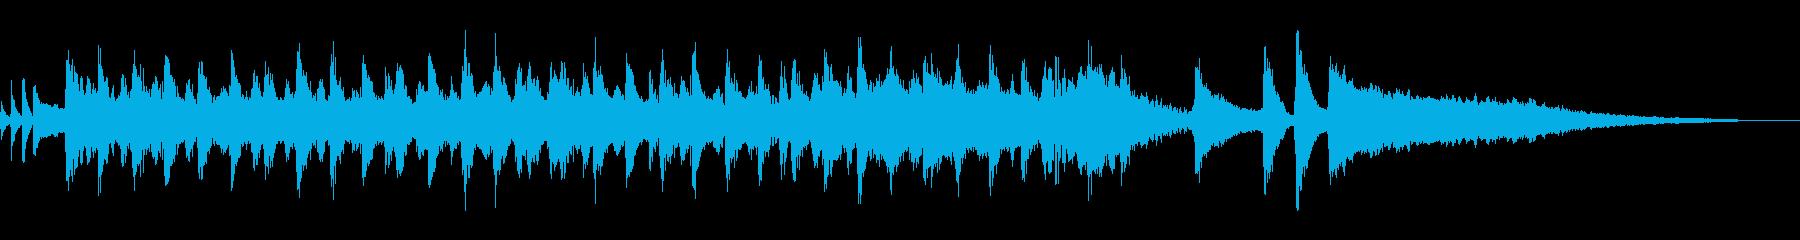 アコースティックバンド明るいBGM短尺の再生済みの波形